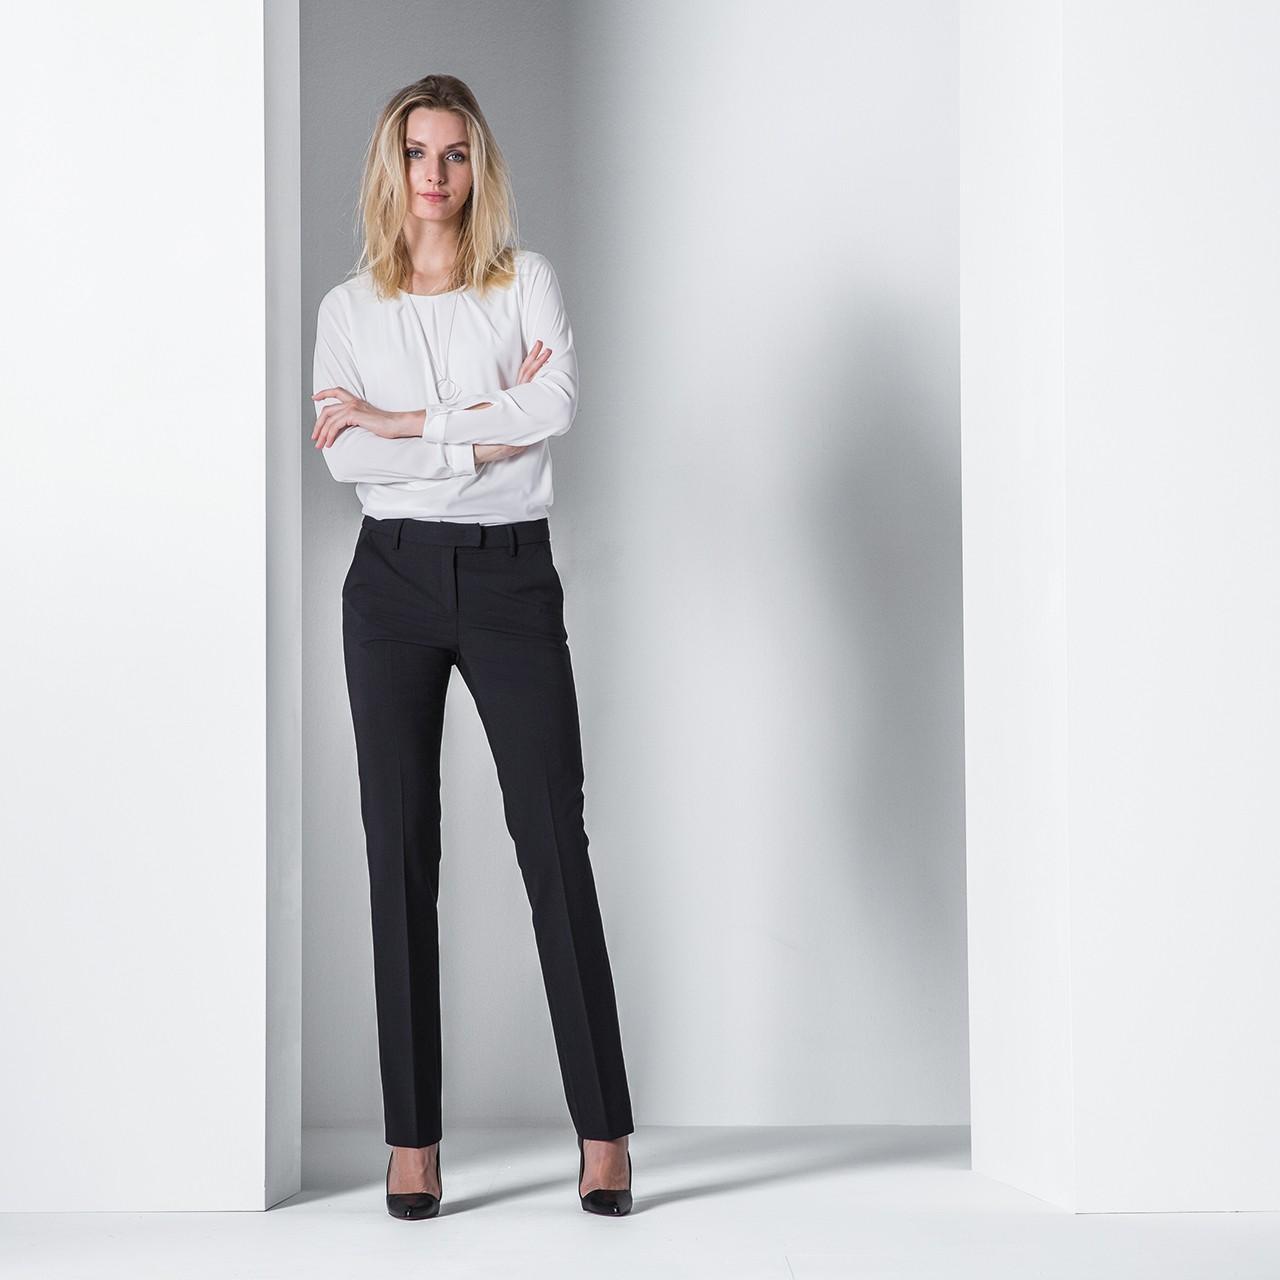 Premium Damen-Hose Regular Fit Greiff® | bedrucken, besticken, bedrucken lassen, besticken lassen, mit Logo |